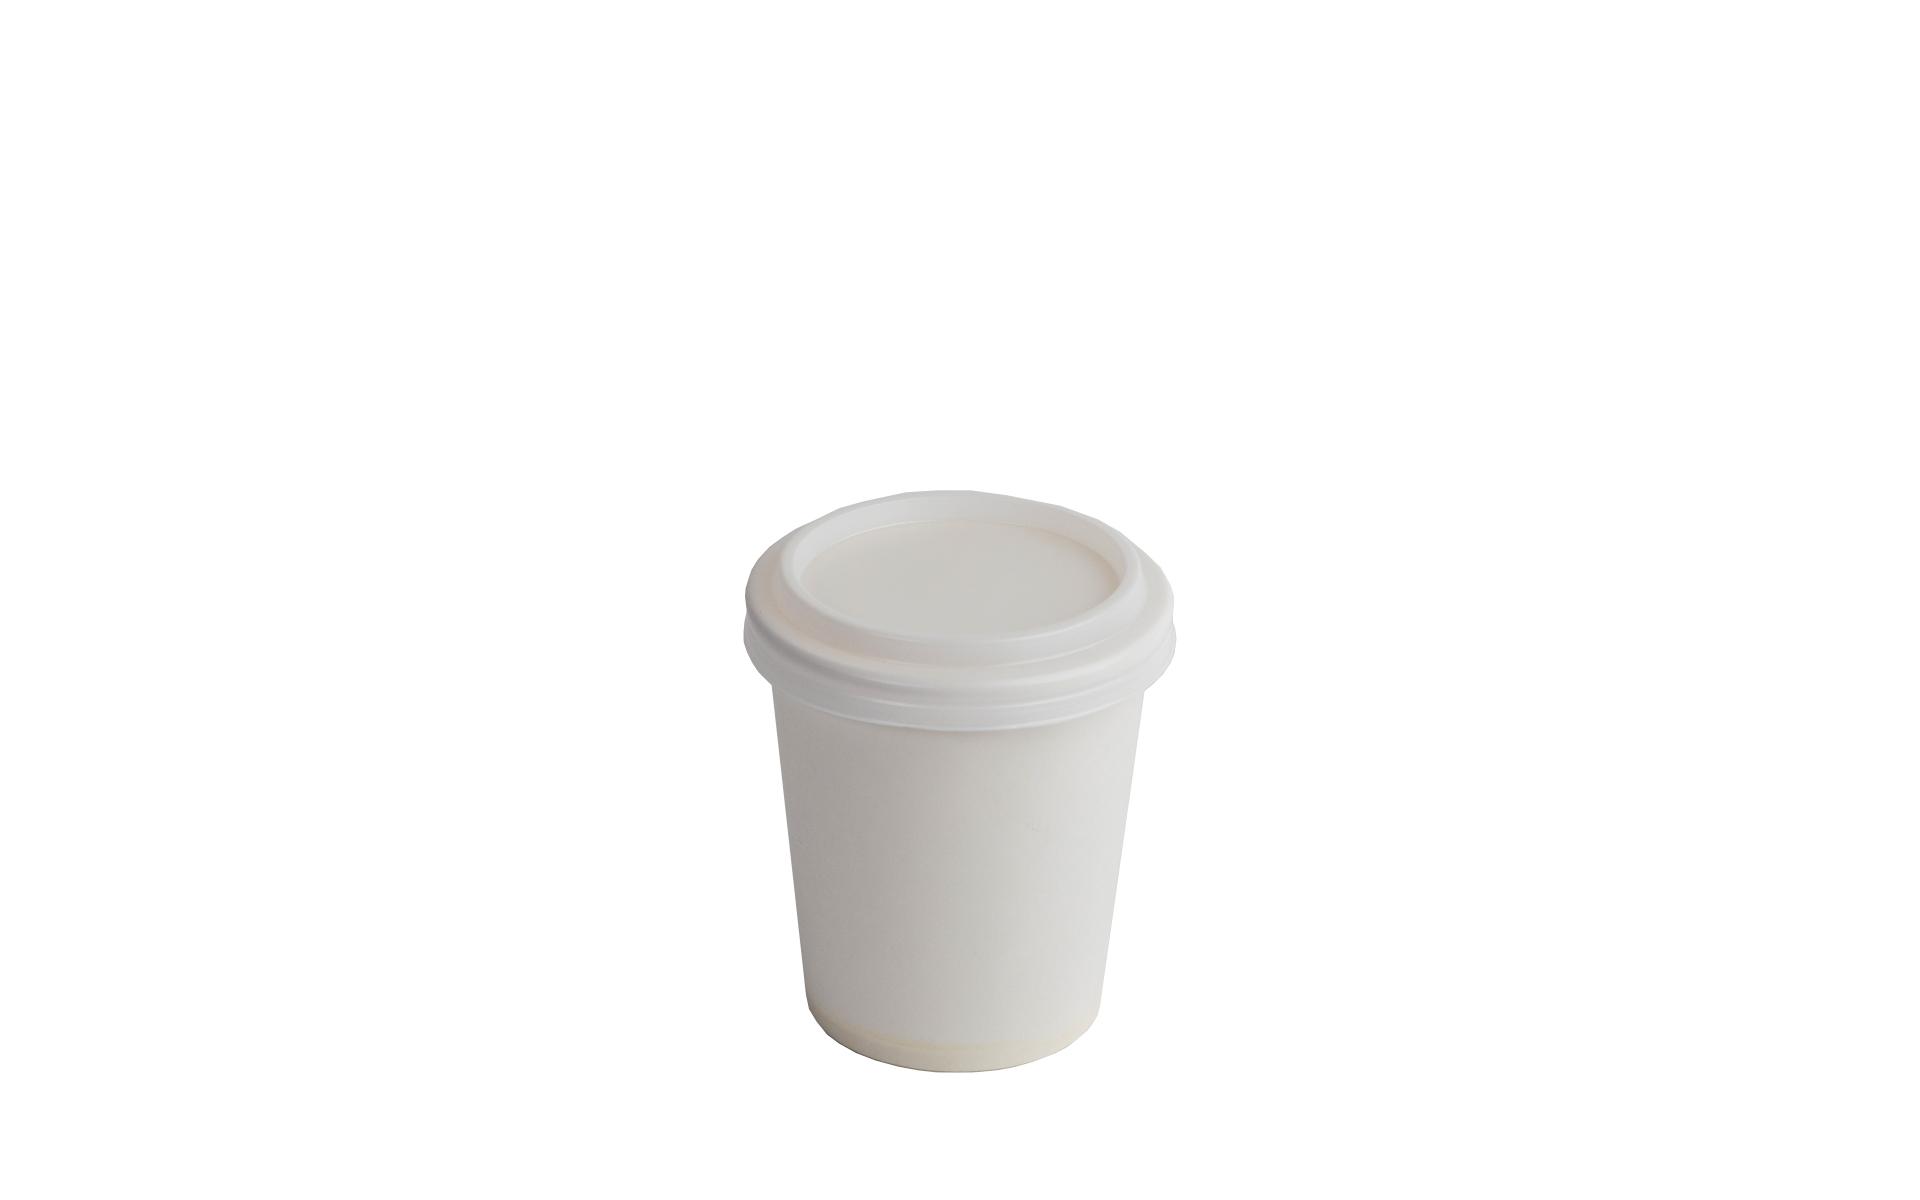 Vaso papel blanco 7oz